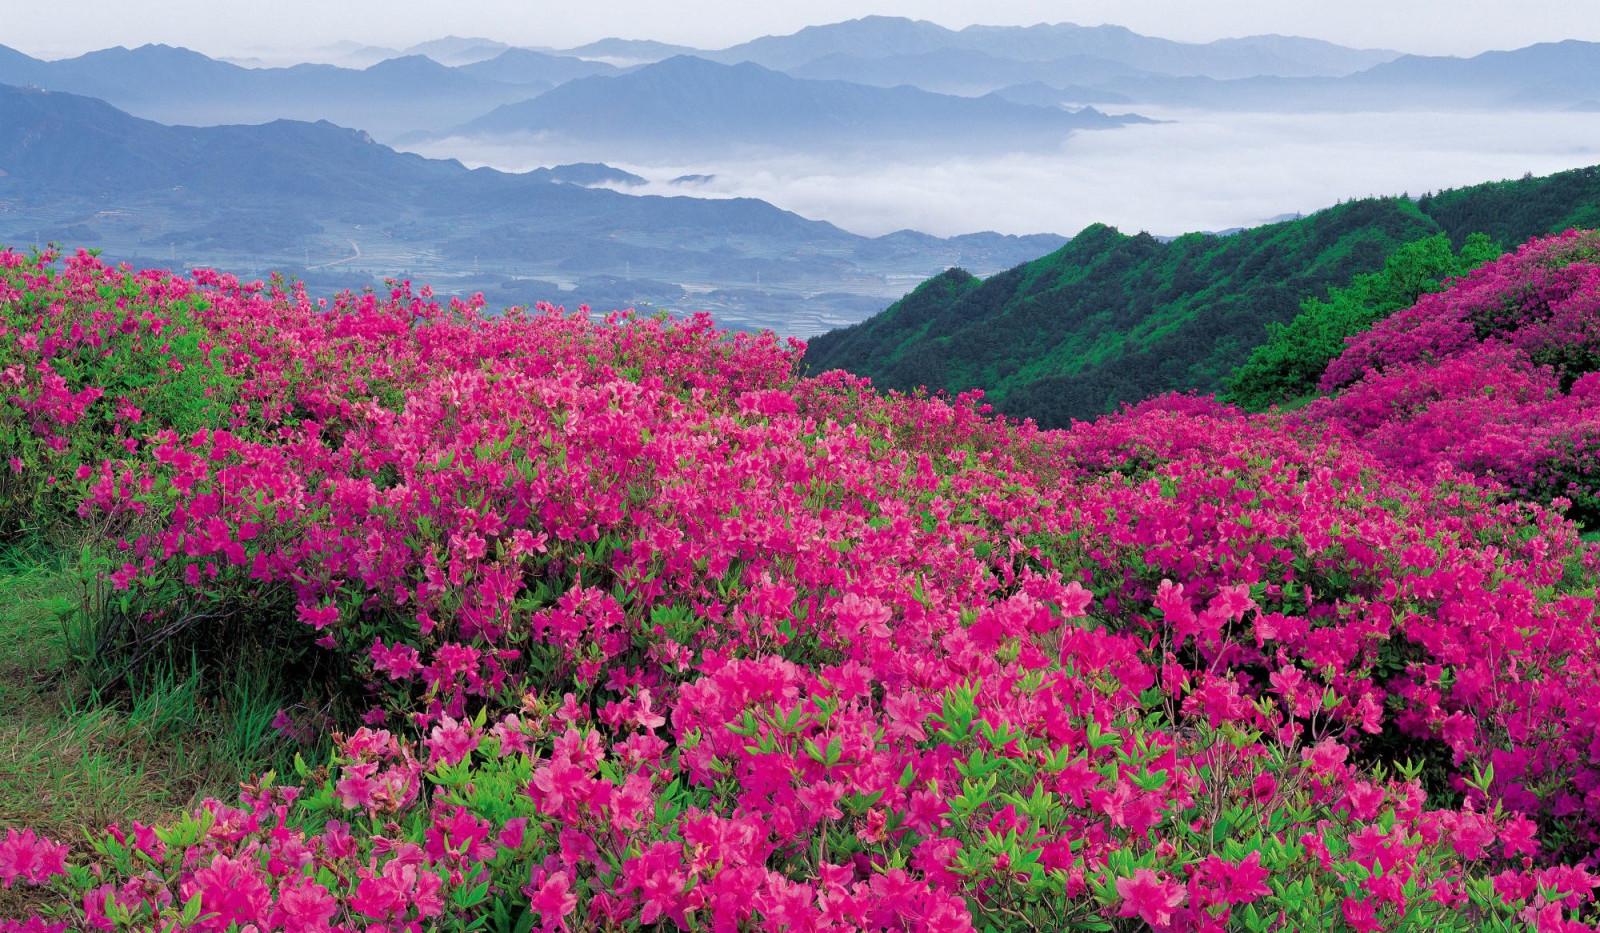 Blue Ridge Mountains in Spring